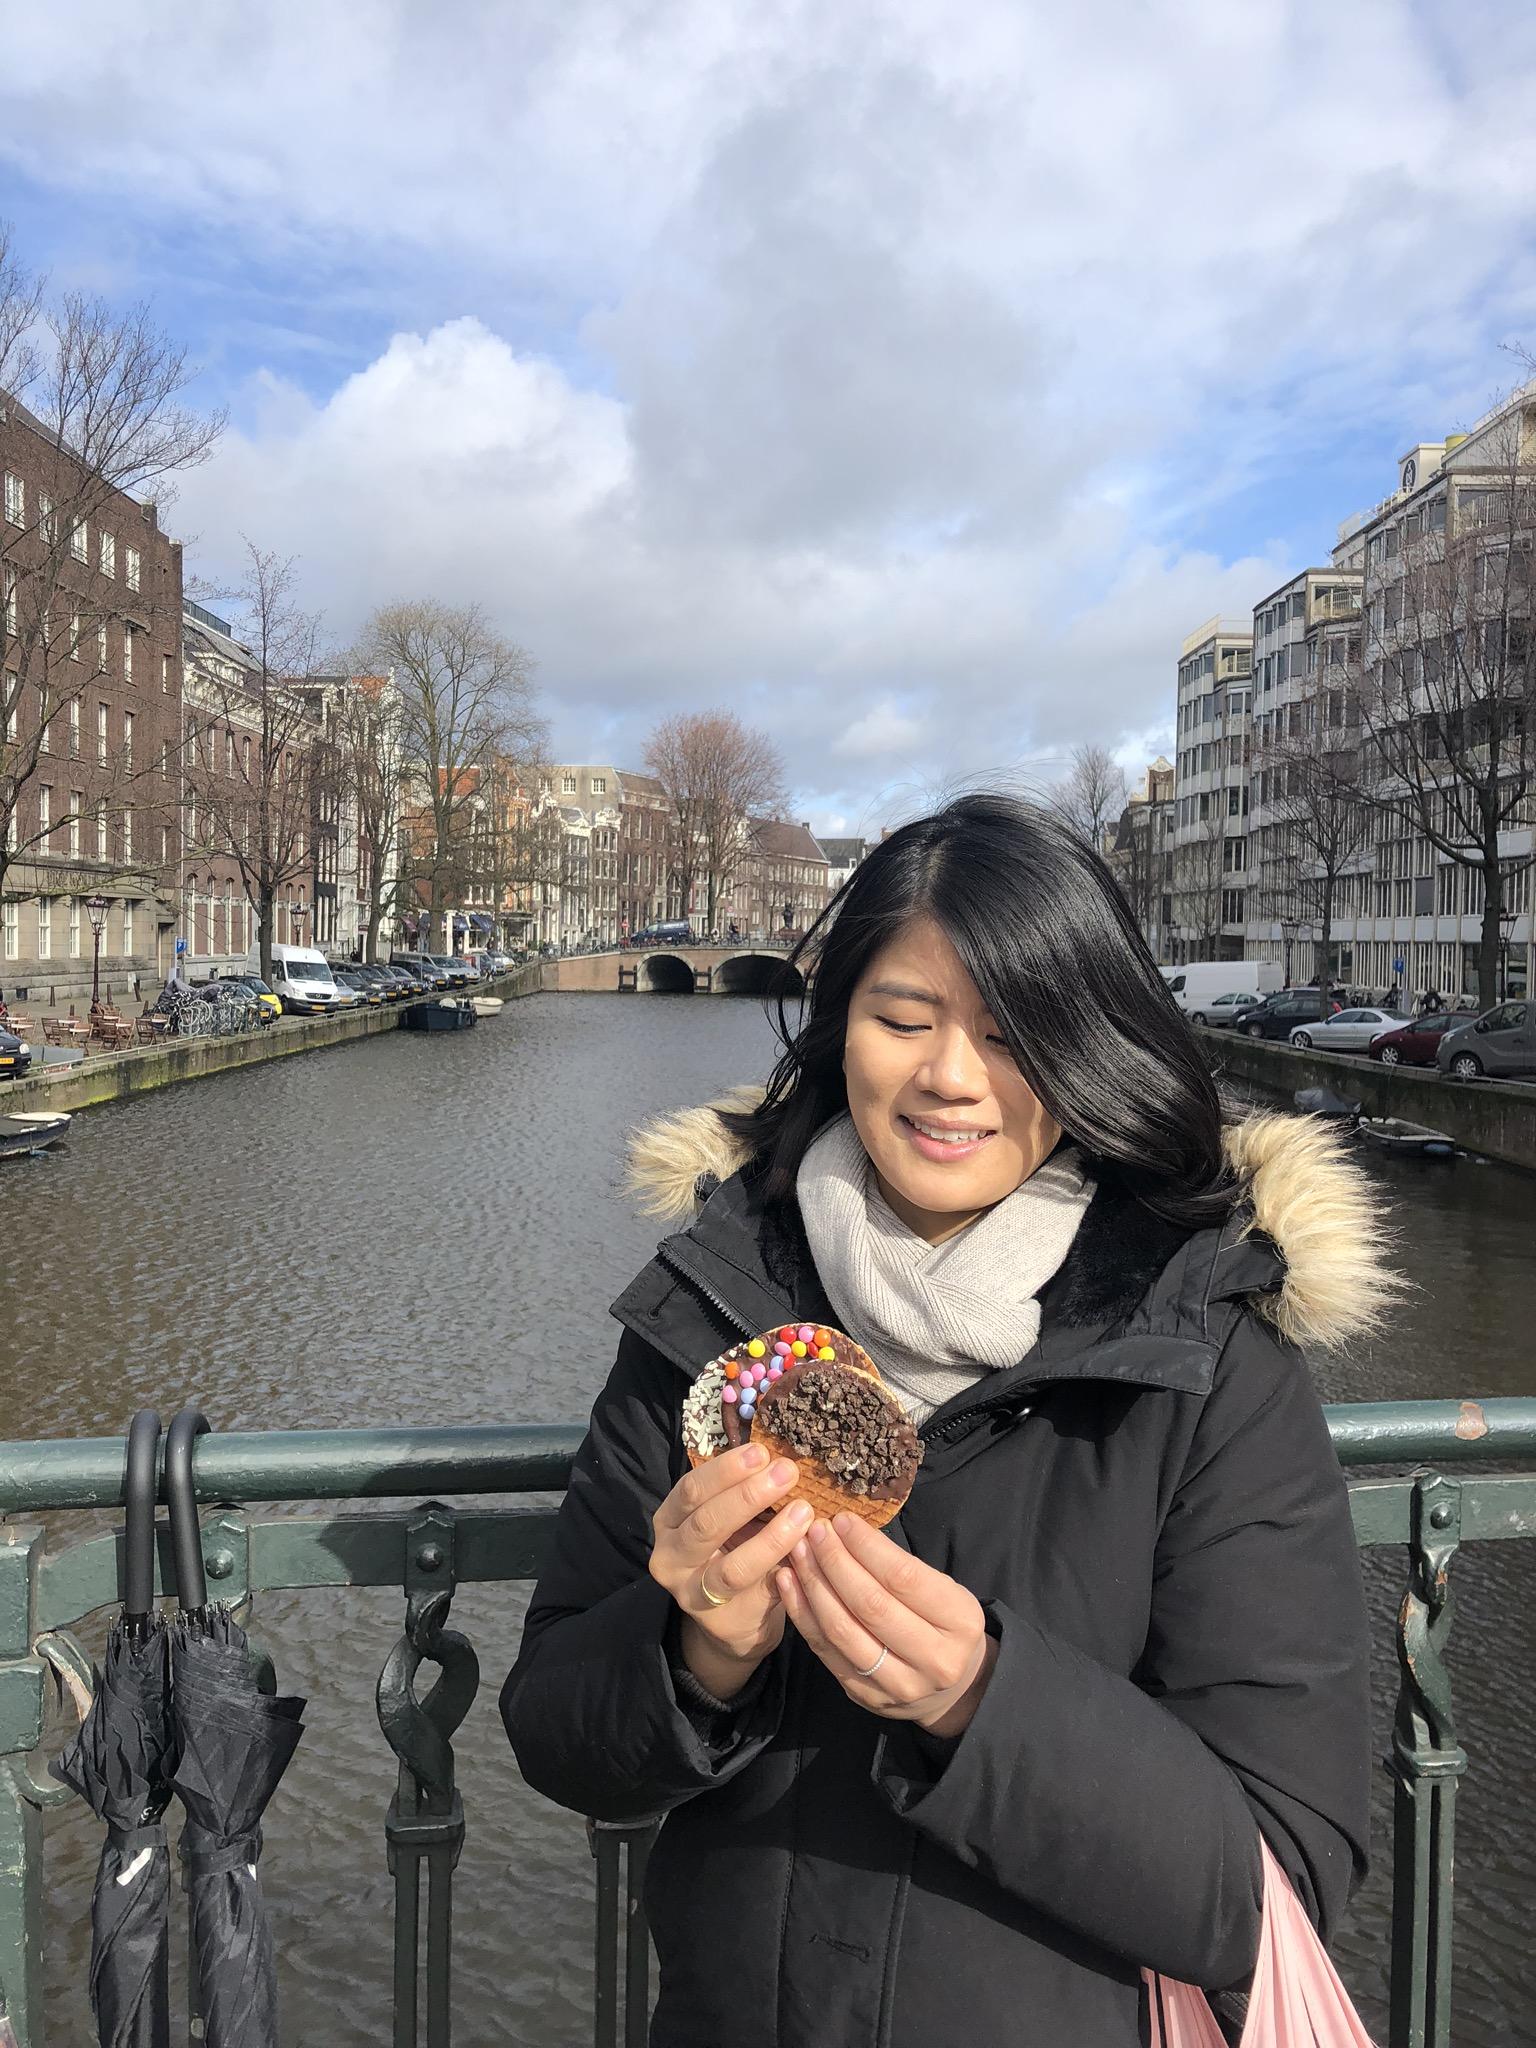 Van Wonderen Stroopwafels | Amsterdam, Netherlands